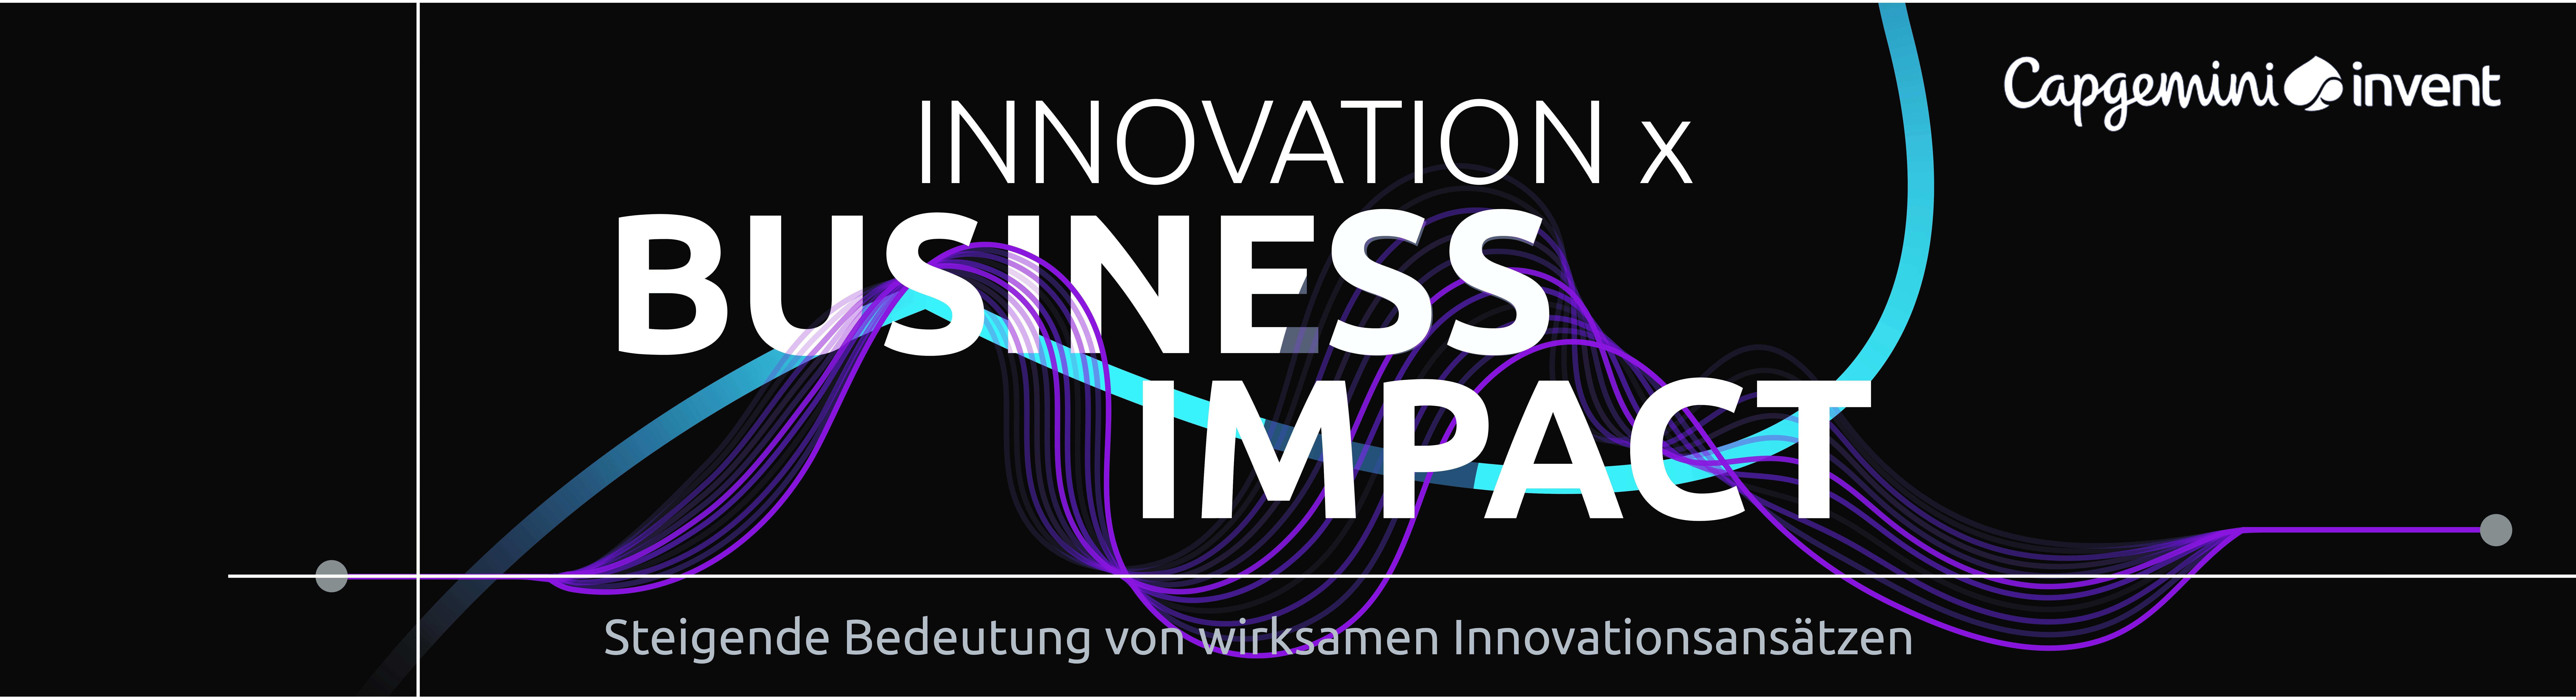 Innovation-Business-Impact_Capgemini-Invent